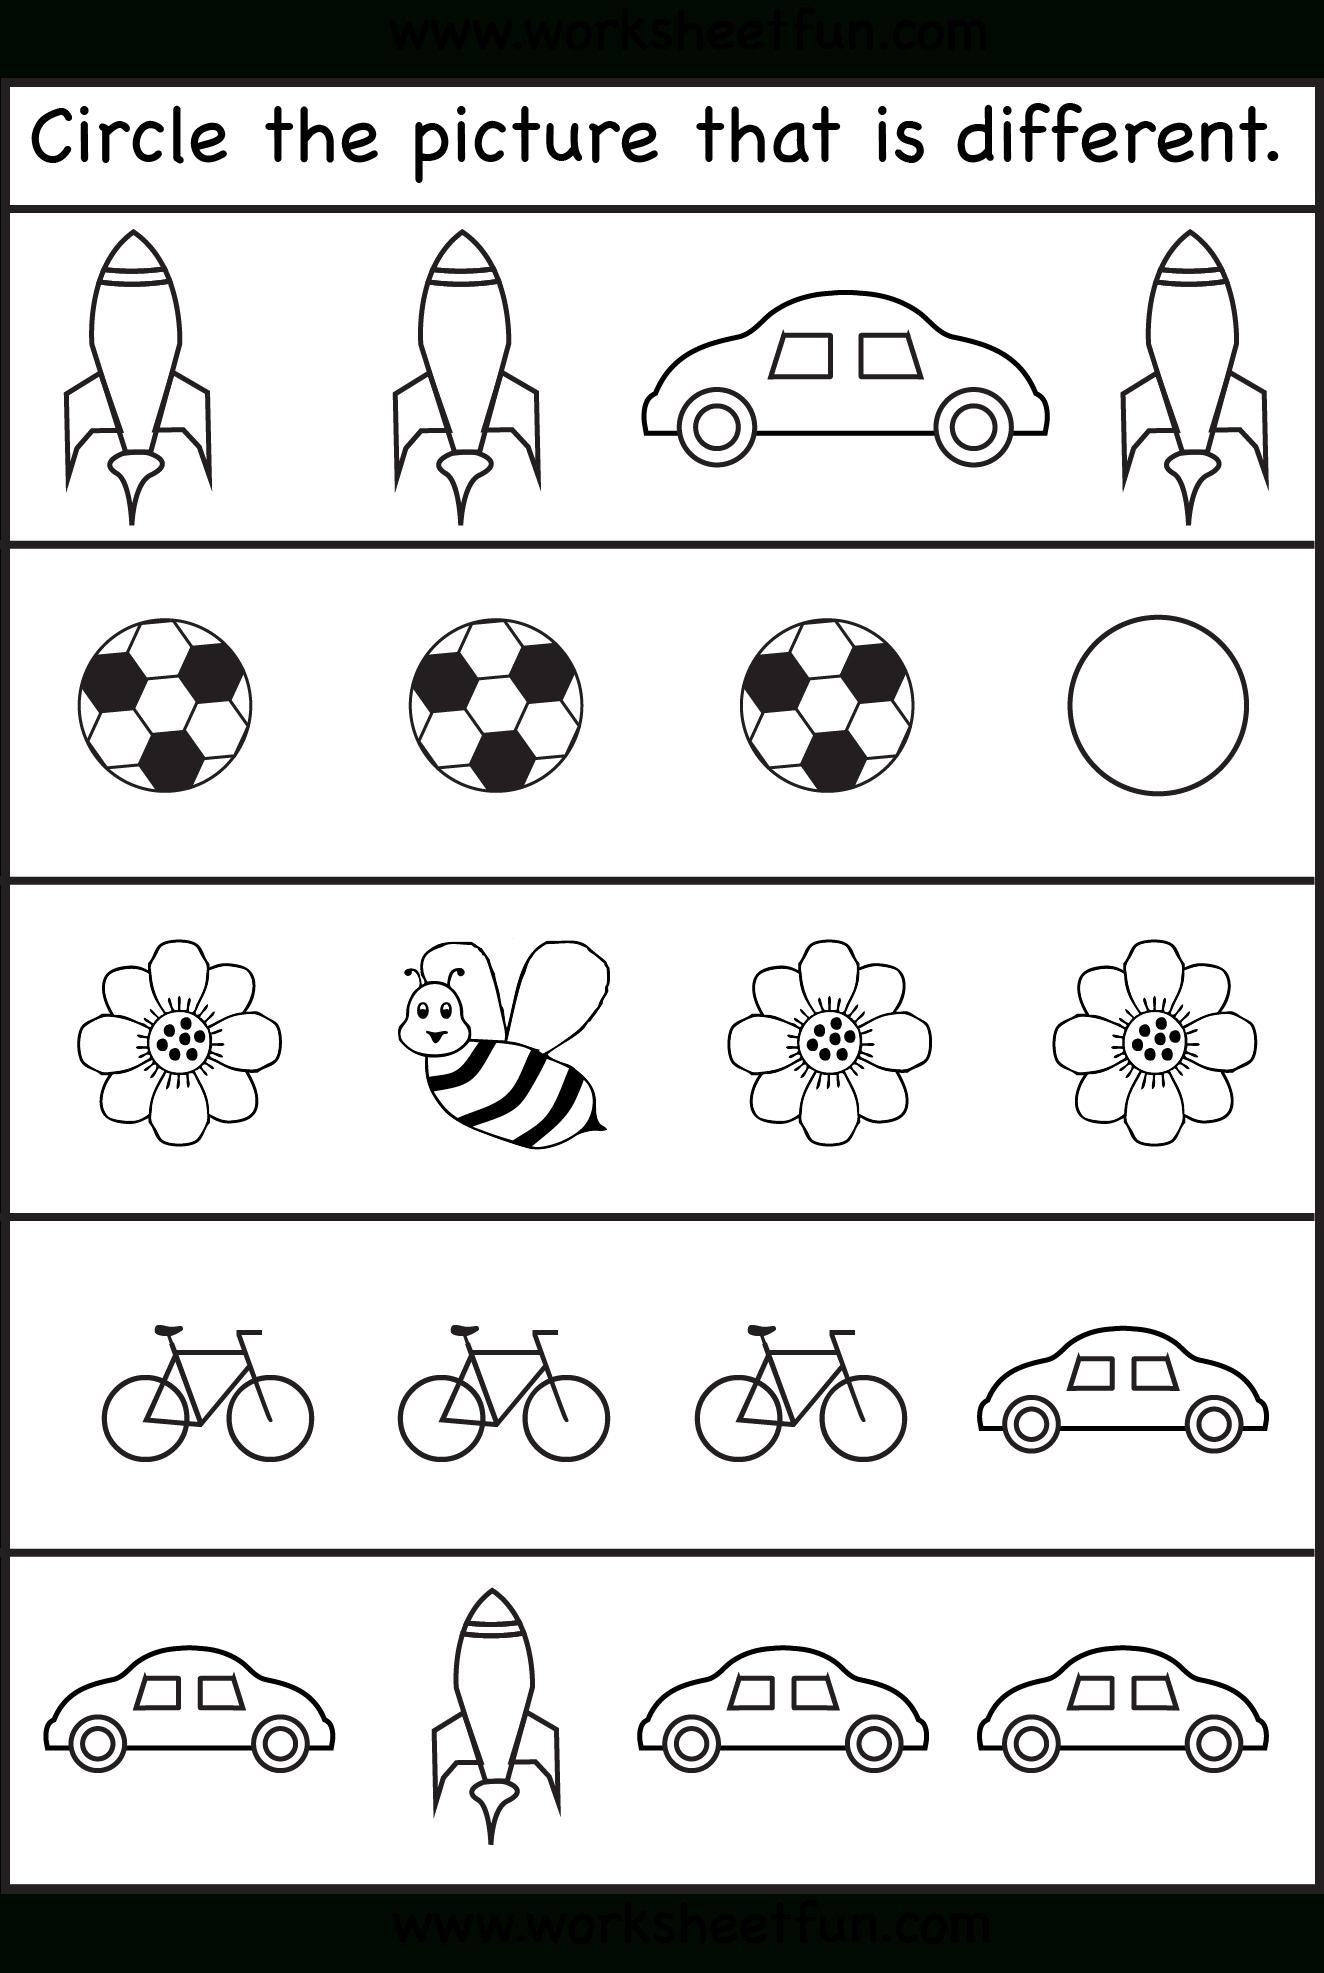 Same Or Different Worksheets For Toddler | Printables For Head Start | Printable Worksheets For Head Start